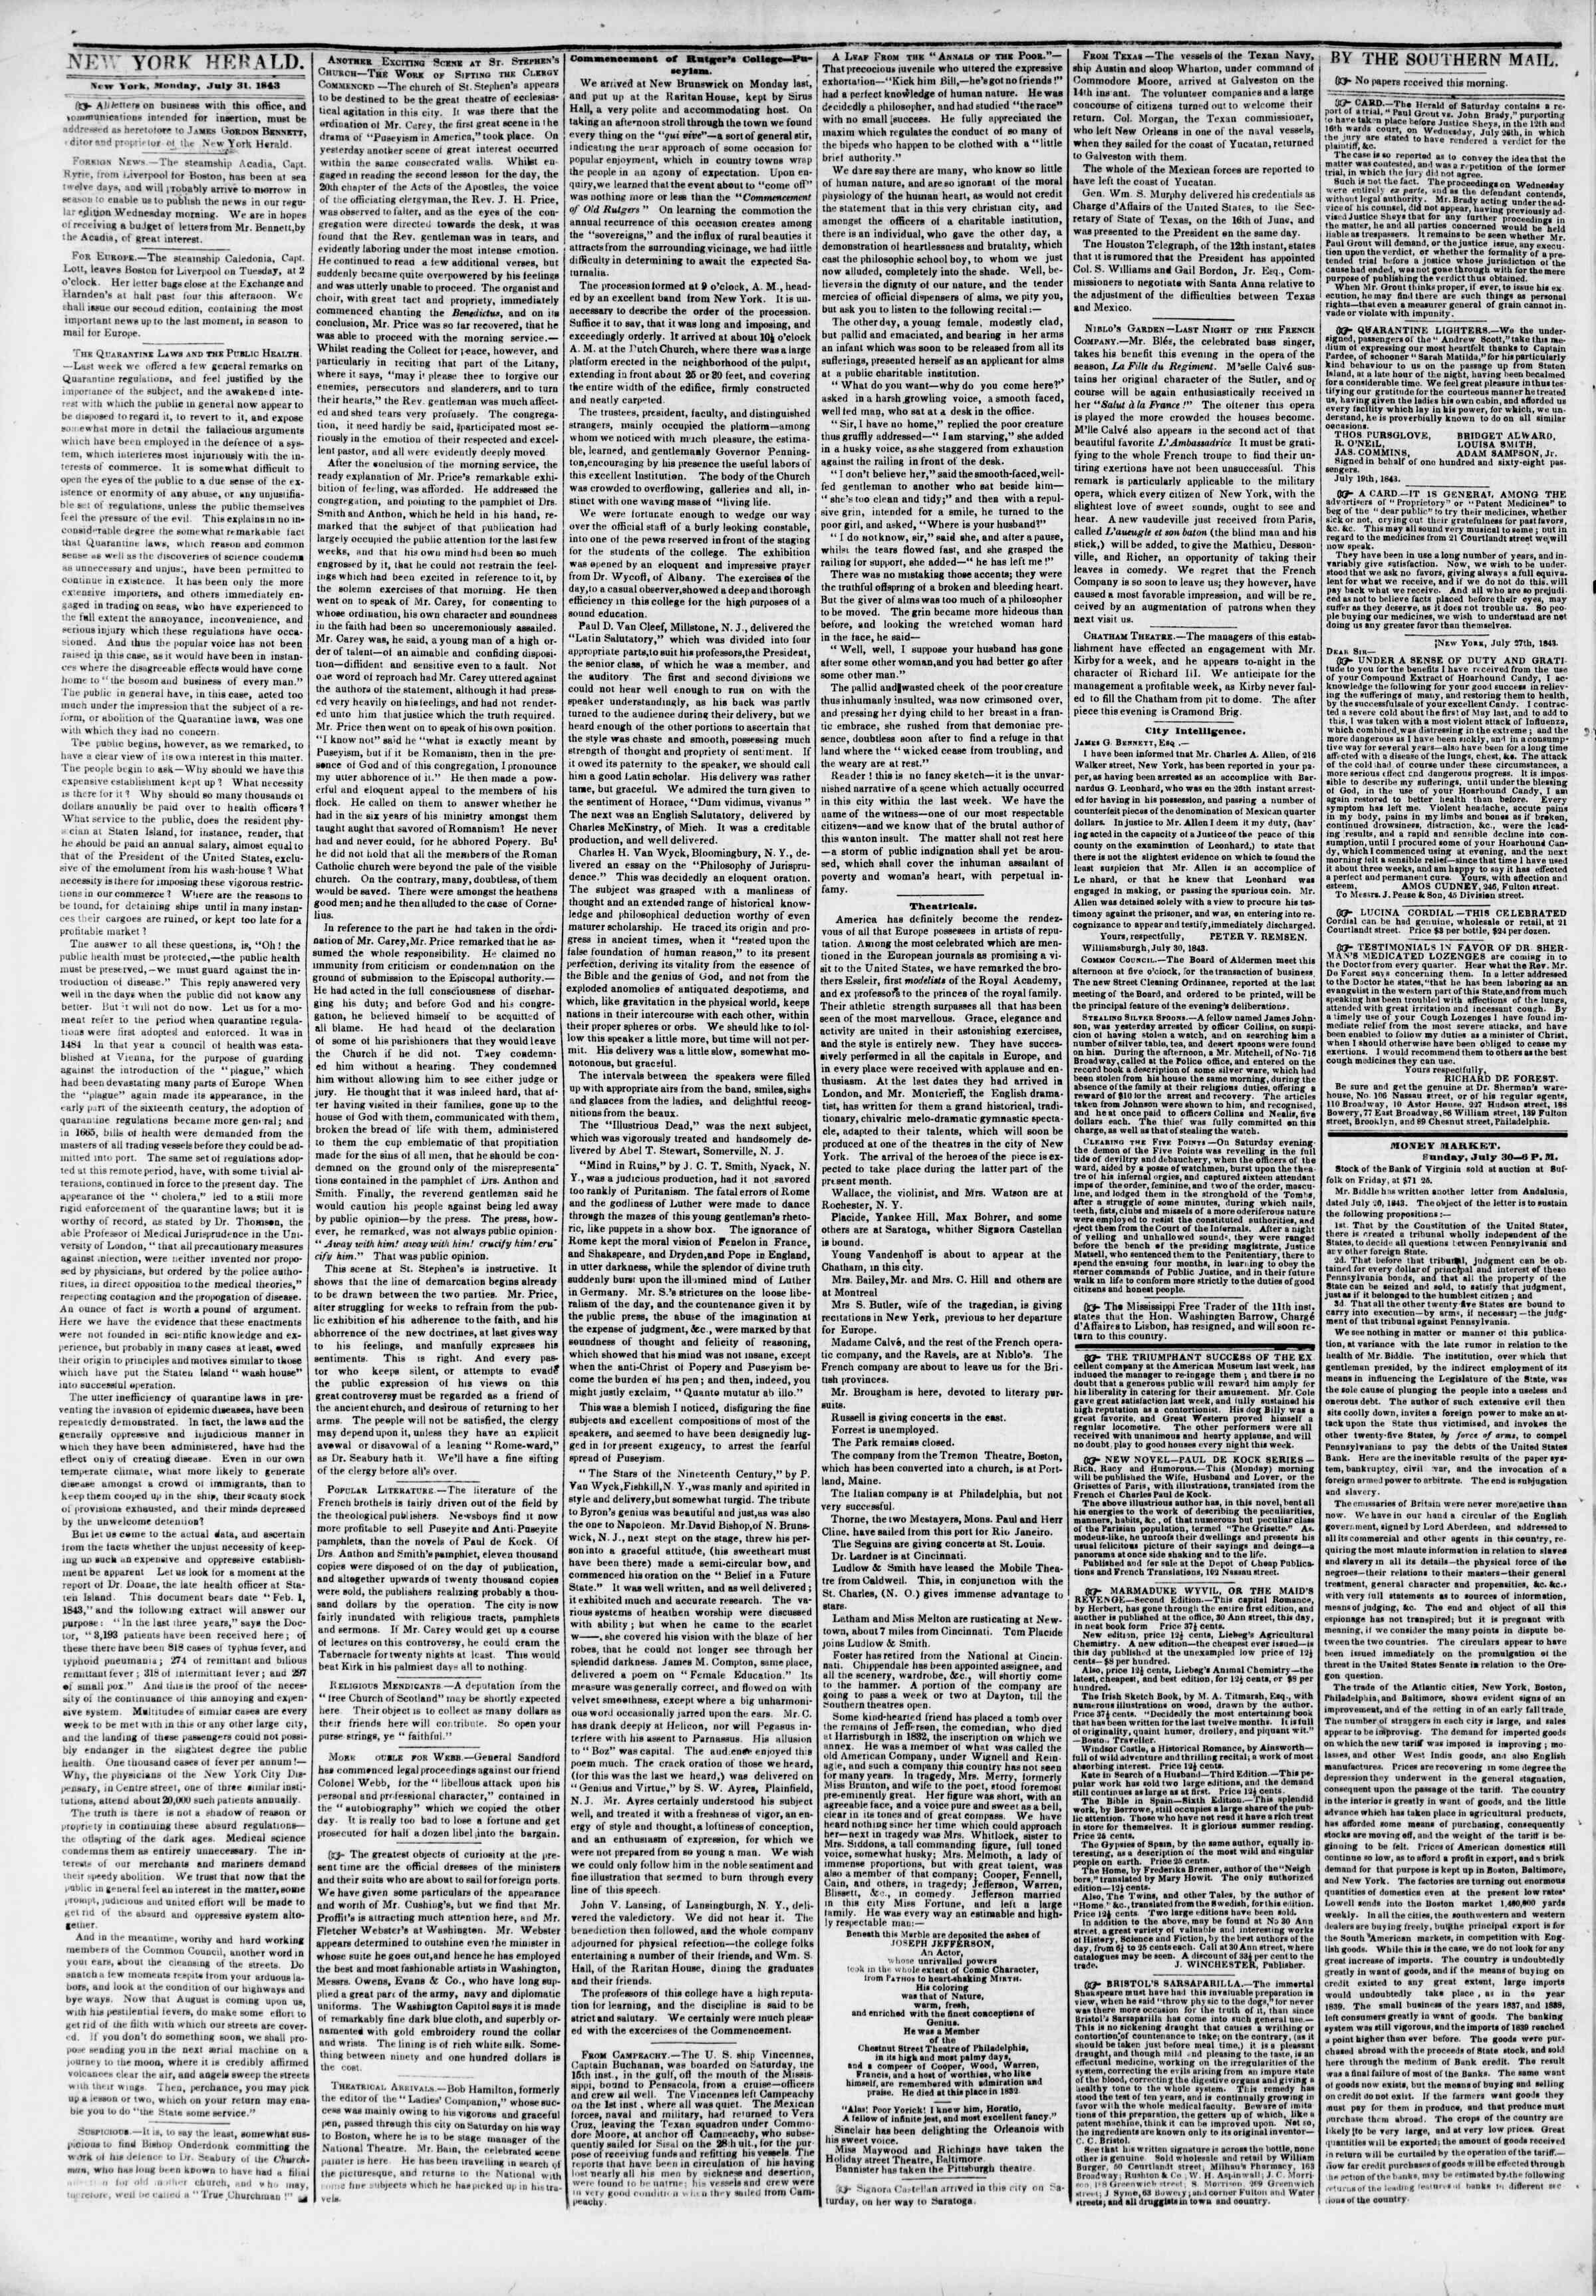 31 Temmuz 1843 Tarihli The New York Herald Gazetesi Sayfa 2